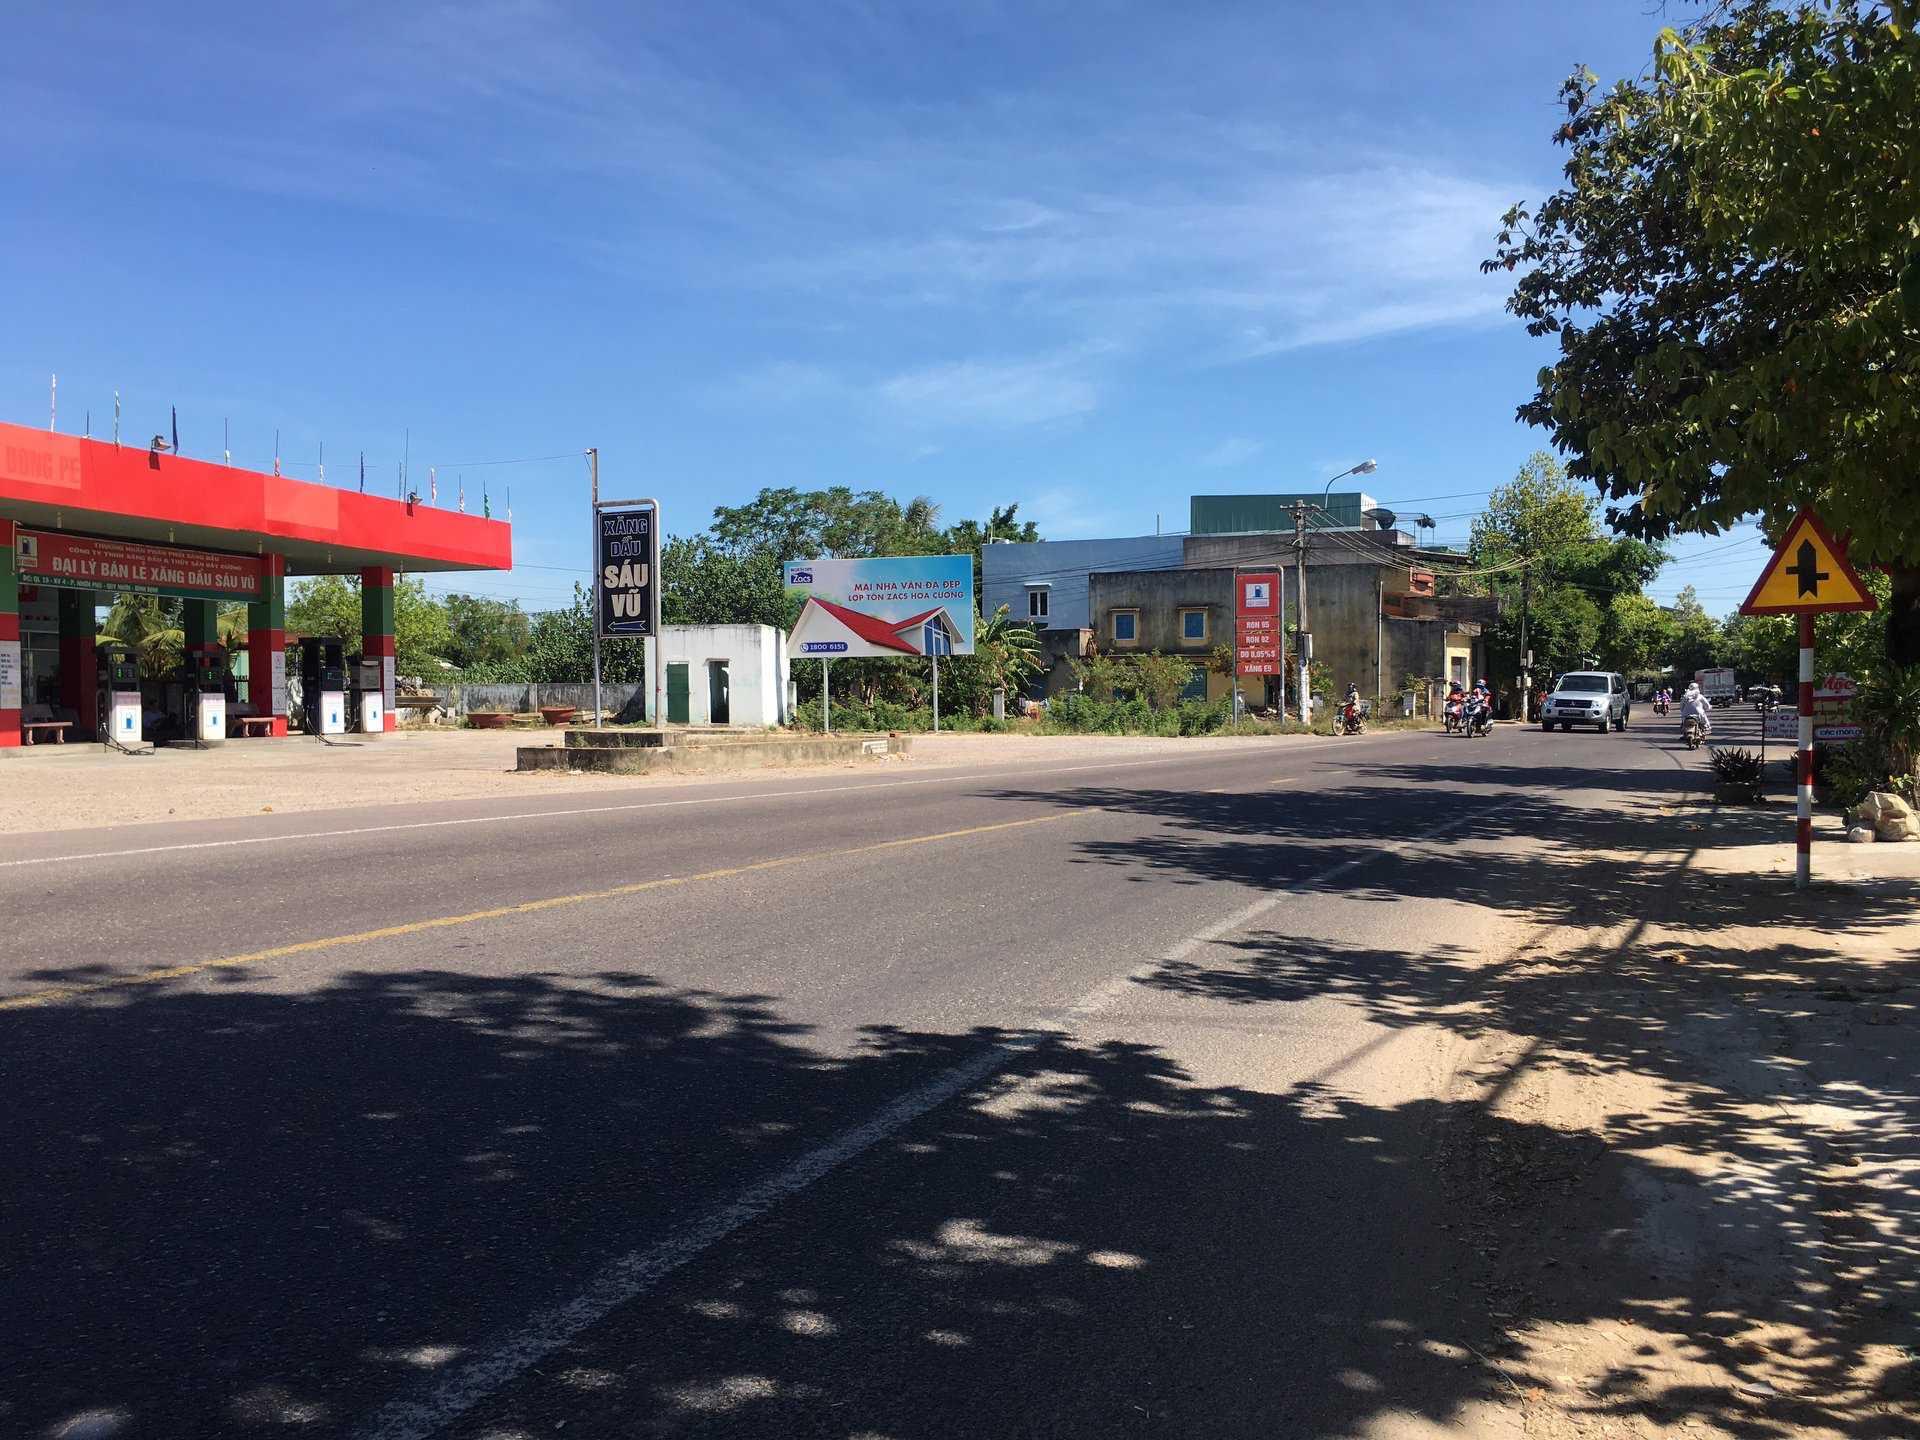 Quảng cáo CHXD Sáu Vũ, phường Nhơn Phú, Tp. Quy Nhơn, Bình Định - 1 biển trụ nhỏ